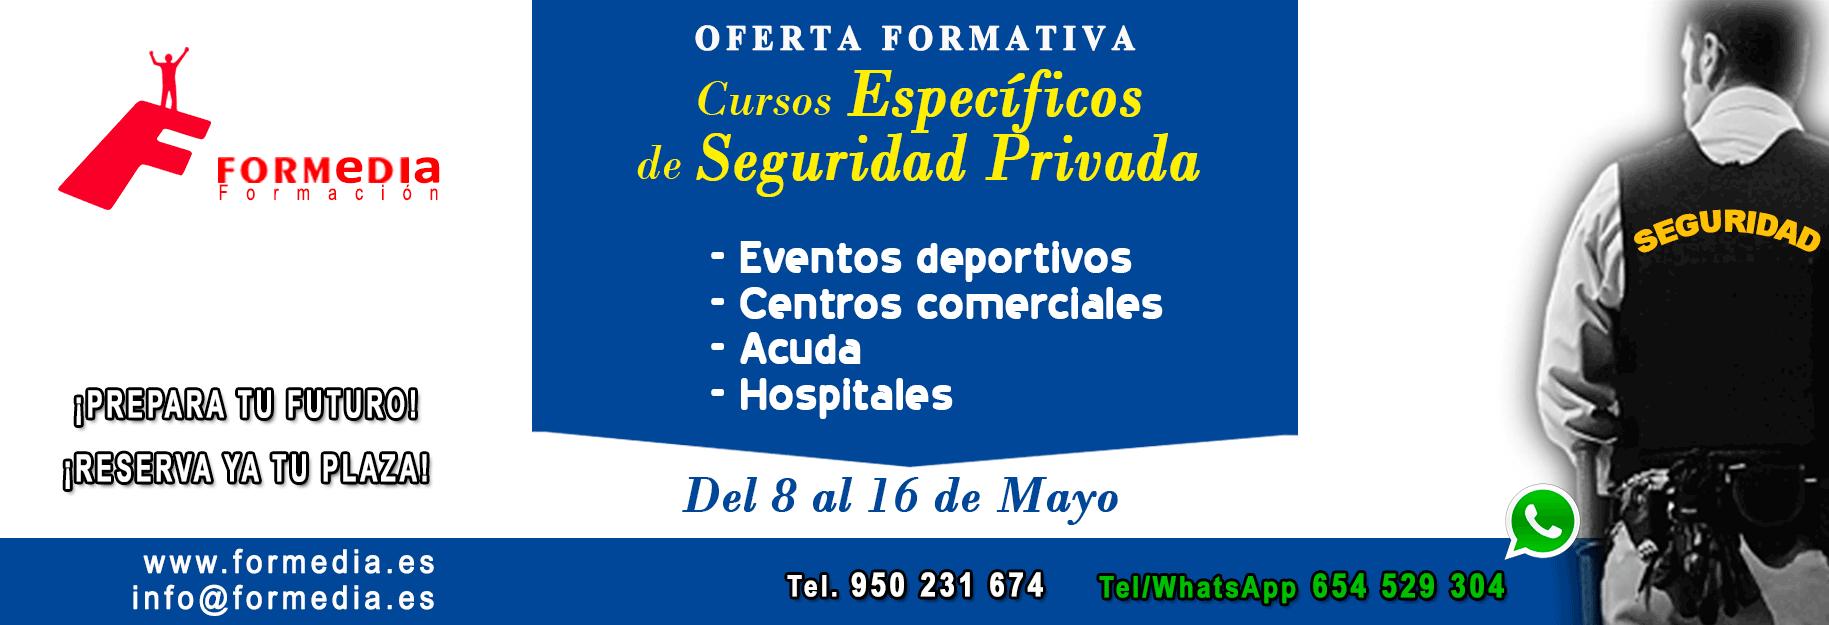 cursos_especificos_seguridad_privada_mayo_2019_almeria